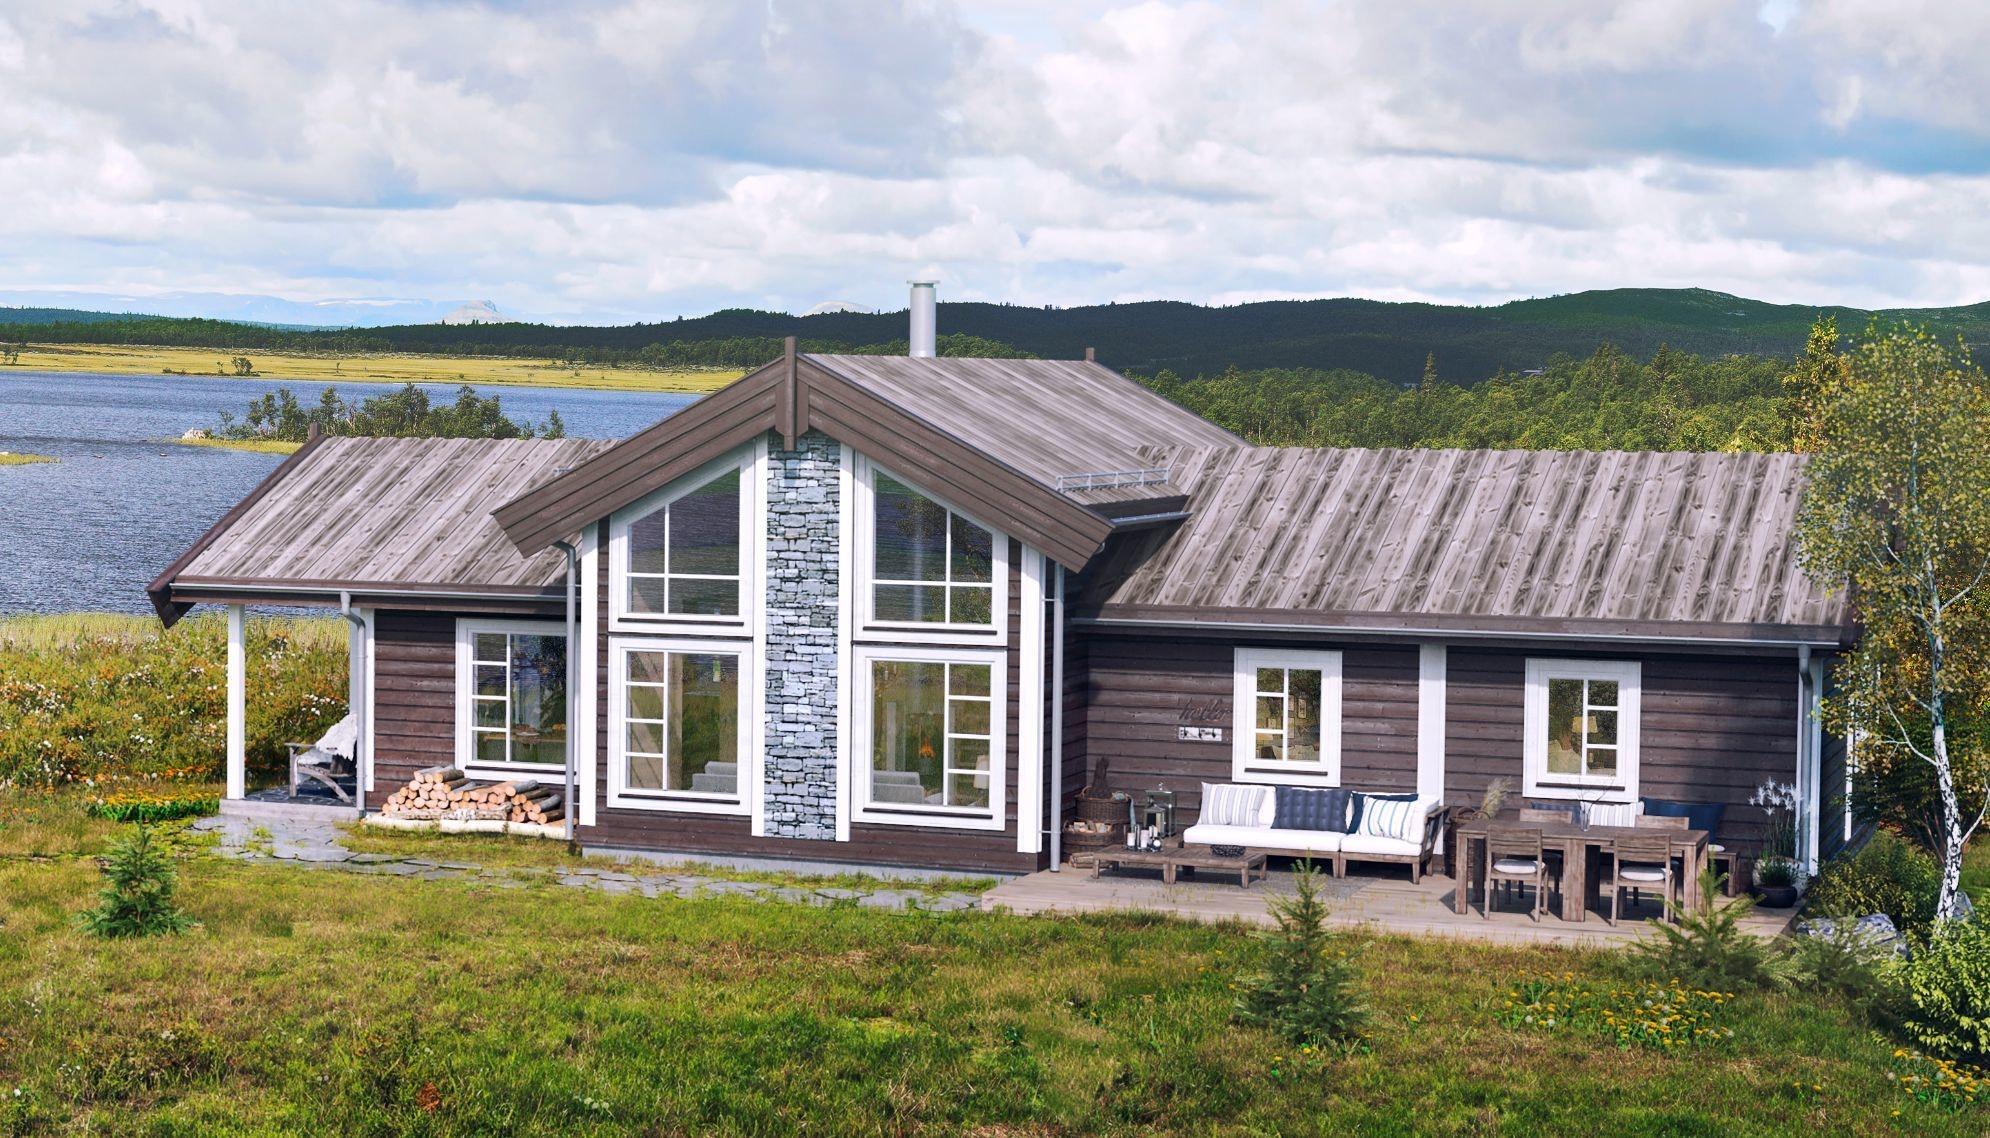 Voss, Bordalen - Nøkkelferdig hytte inkl tomt og grunnarbeid. Høy standard. ingen lurepris. Kampanje*